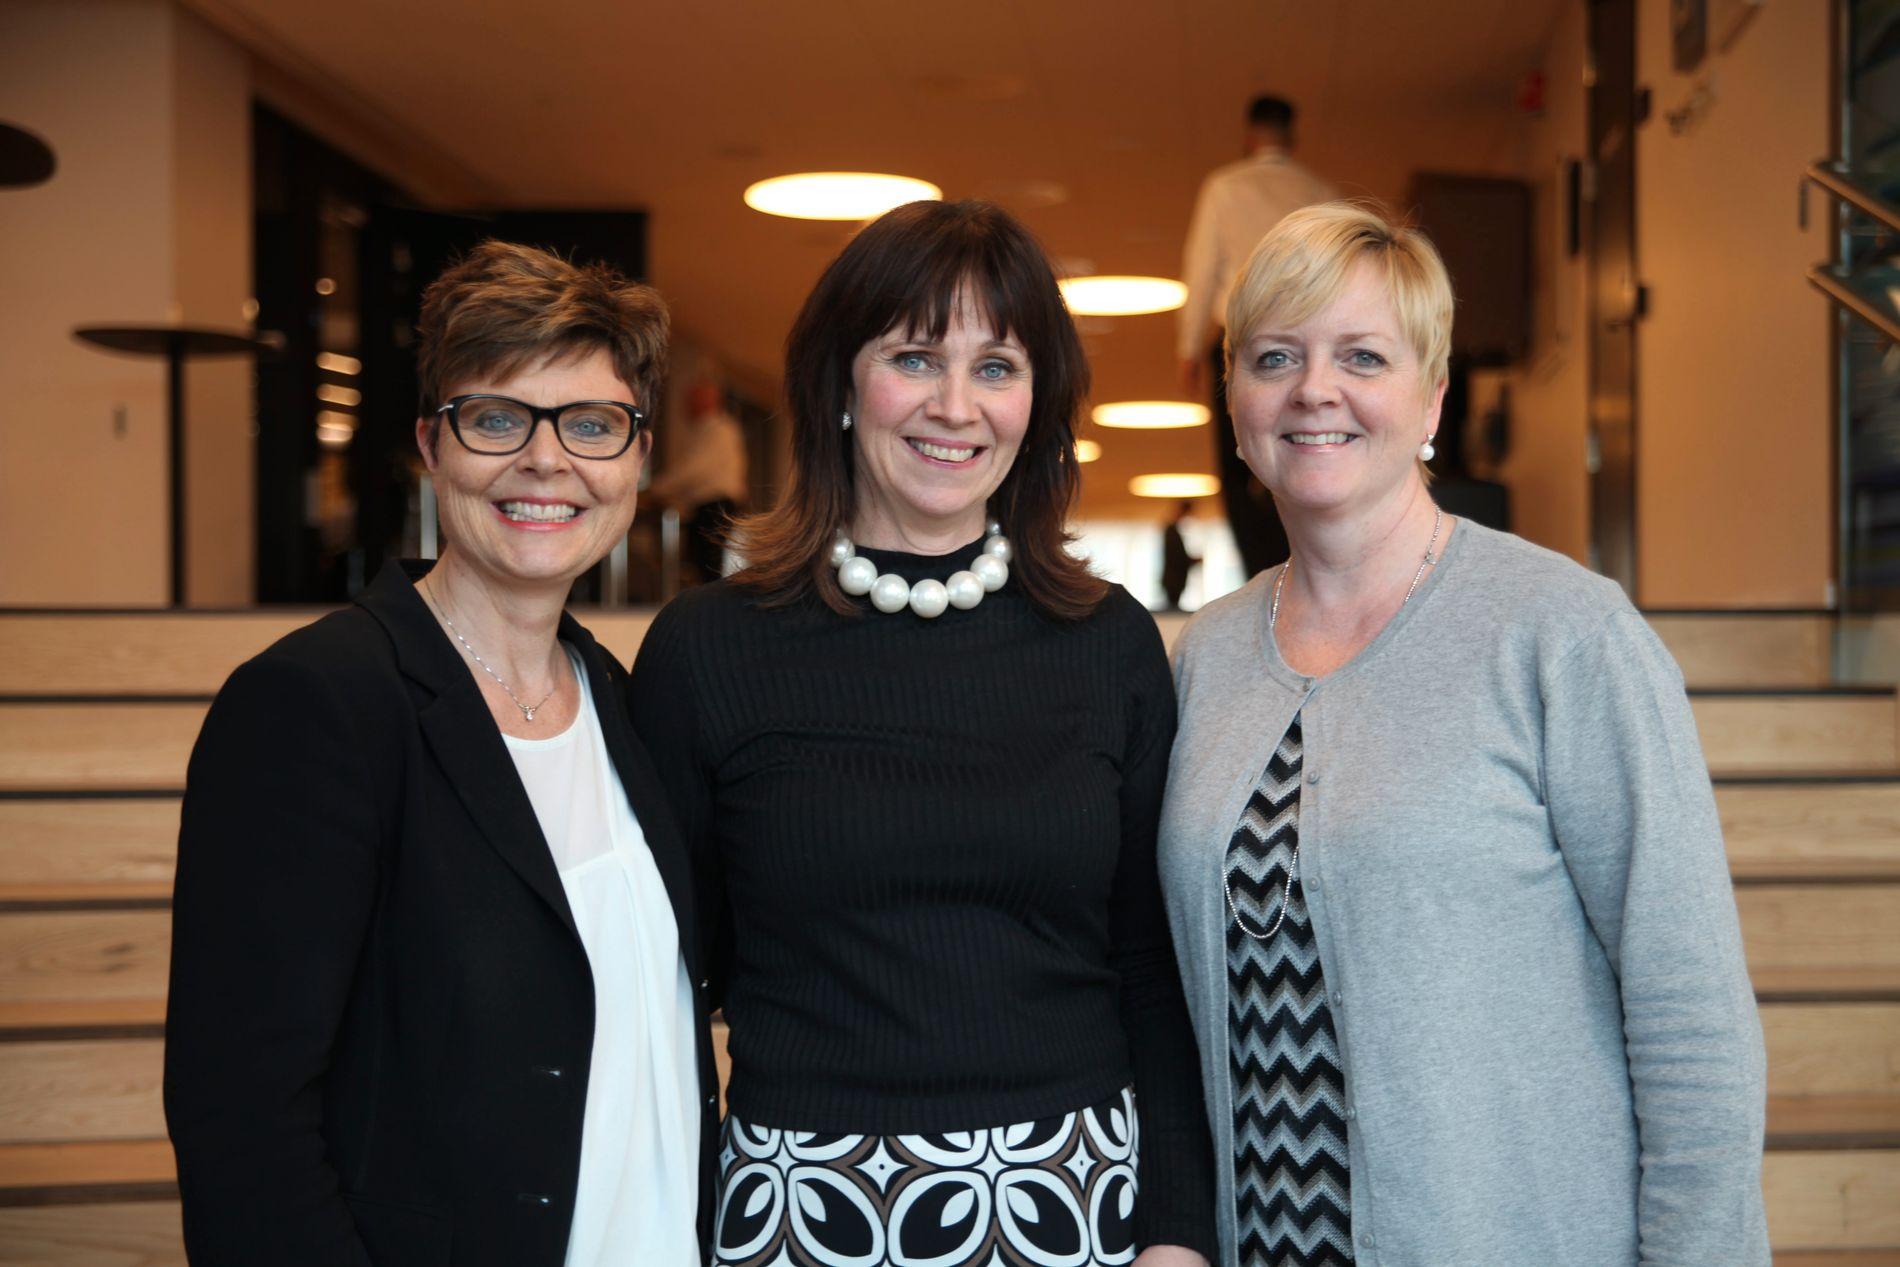 BEGYNNELSEN: Det startet med tre fylkesordførere som skulle skape ett samlet vestland: Anne Gine Hestetun (Hordaland), Jenny Følling (Sogn og Fjordane) og Solveig Ege Tengesdal (Rogaland).